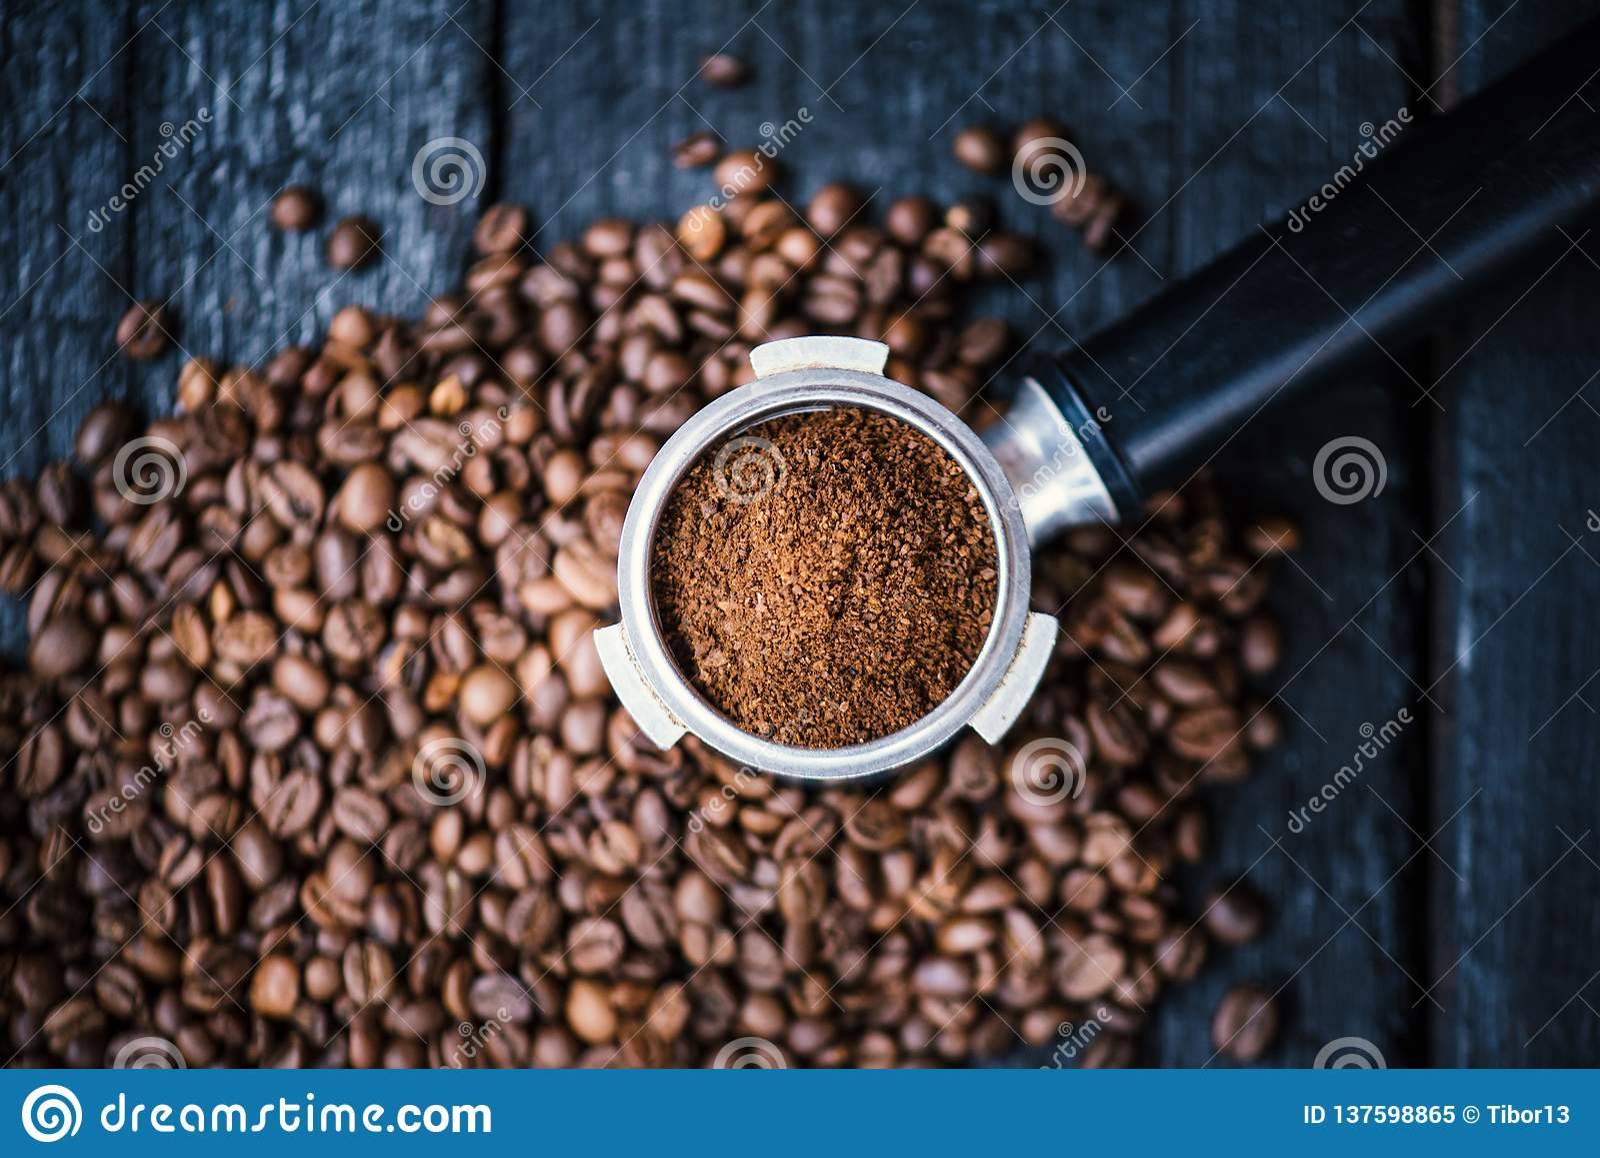 无底的过滤器用在一张木黑桌上的研磨豆 烤的豆咖啡 浓咖啡咖啡提取 准备浓咖啡